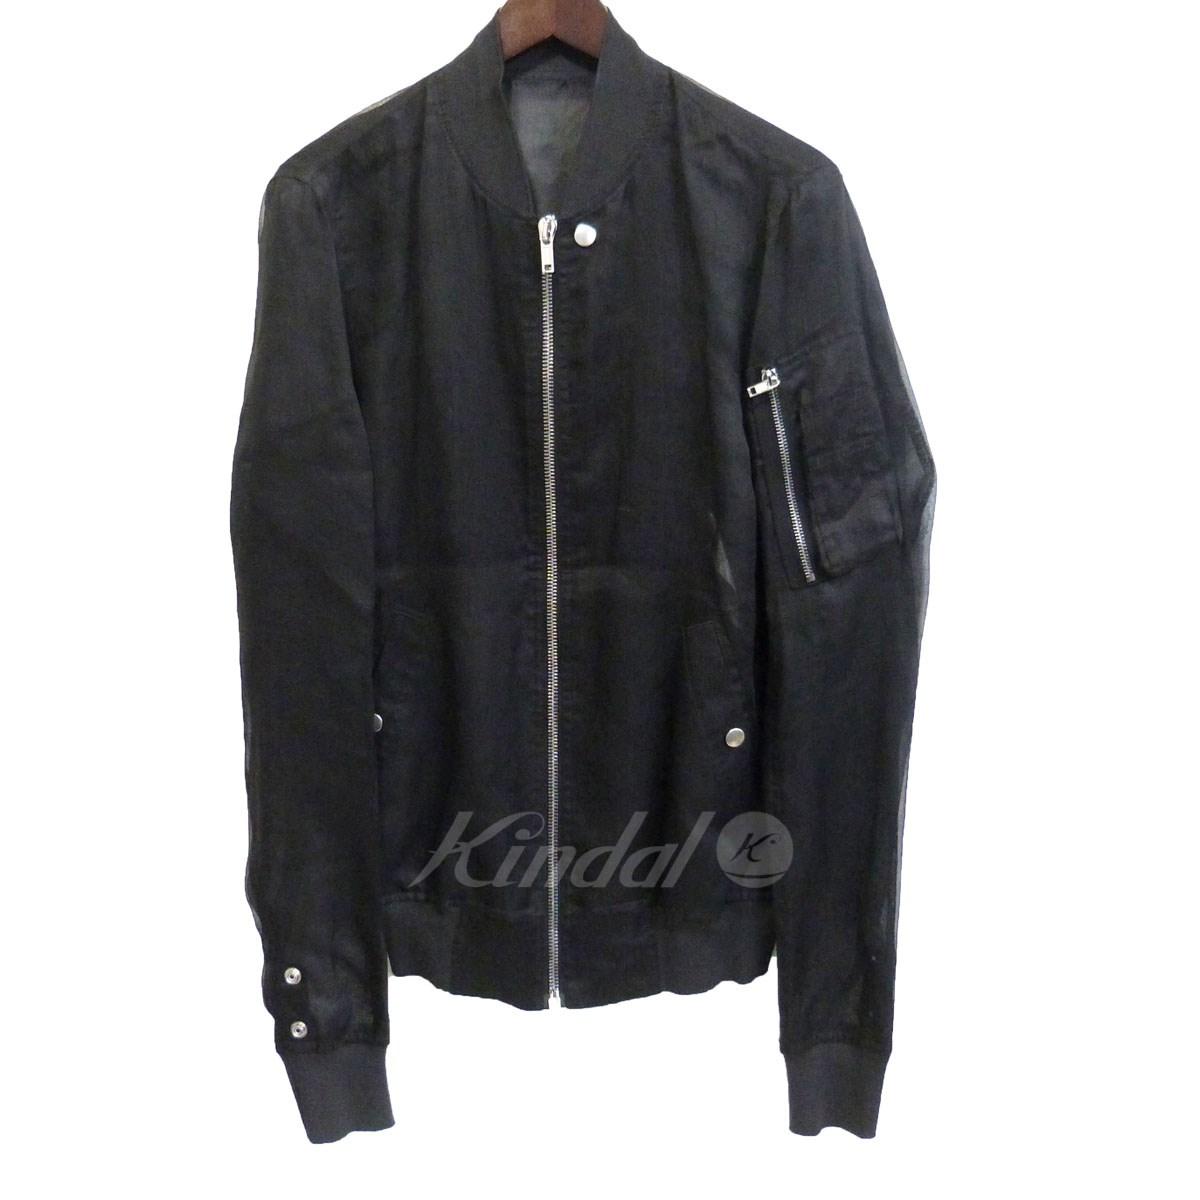 【中古】Rick Owens 18SS 「Flight Jacket」シースルーボンバージャケット ブラック サイズ:46 【送料無料】 【090419】(リックオウエンス)